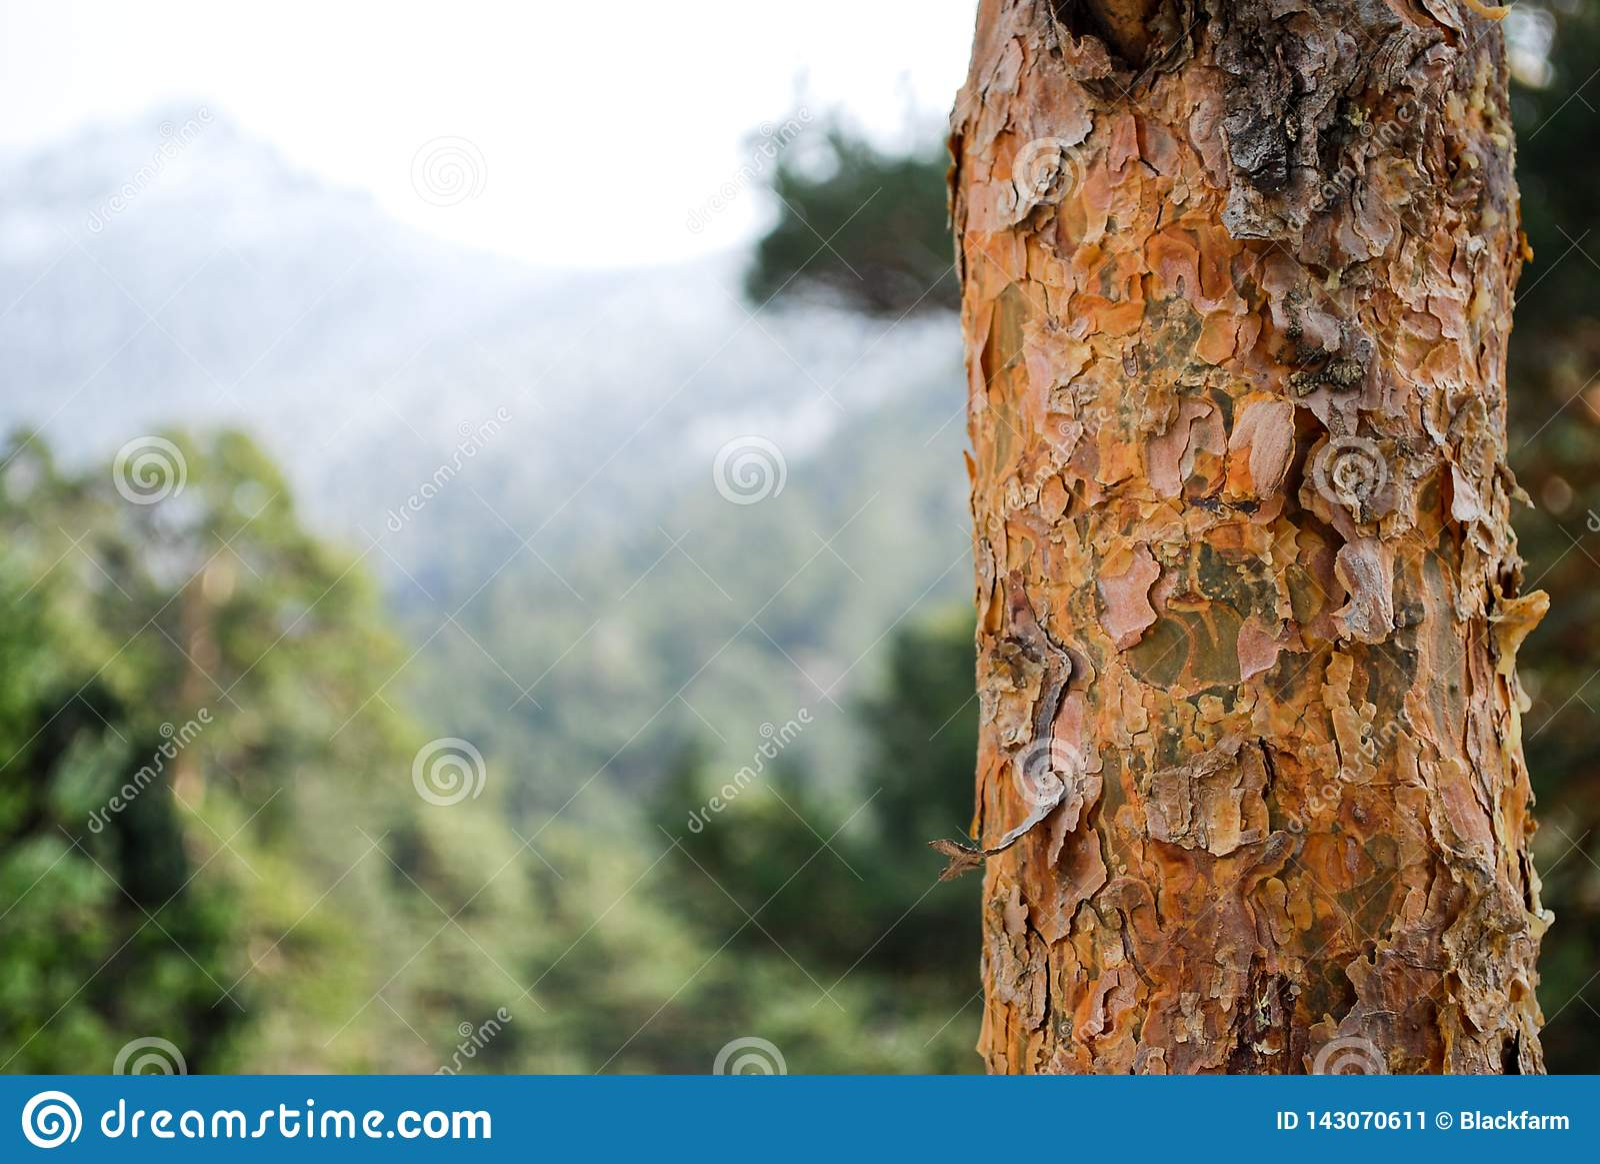 Szczegół drzewna barkentyna